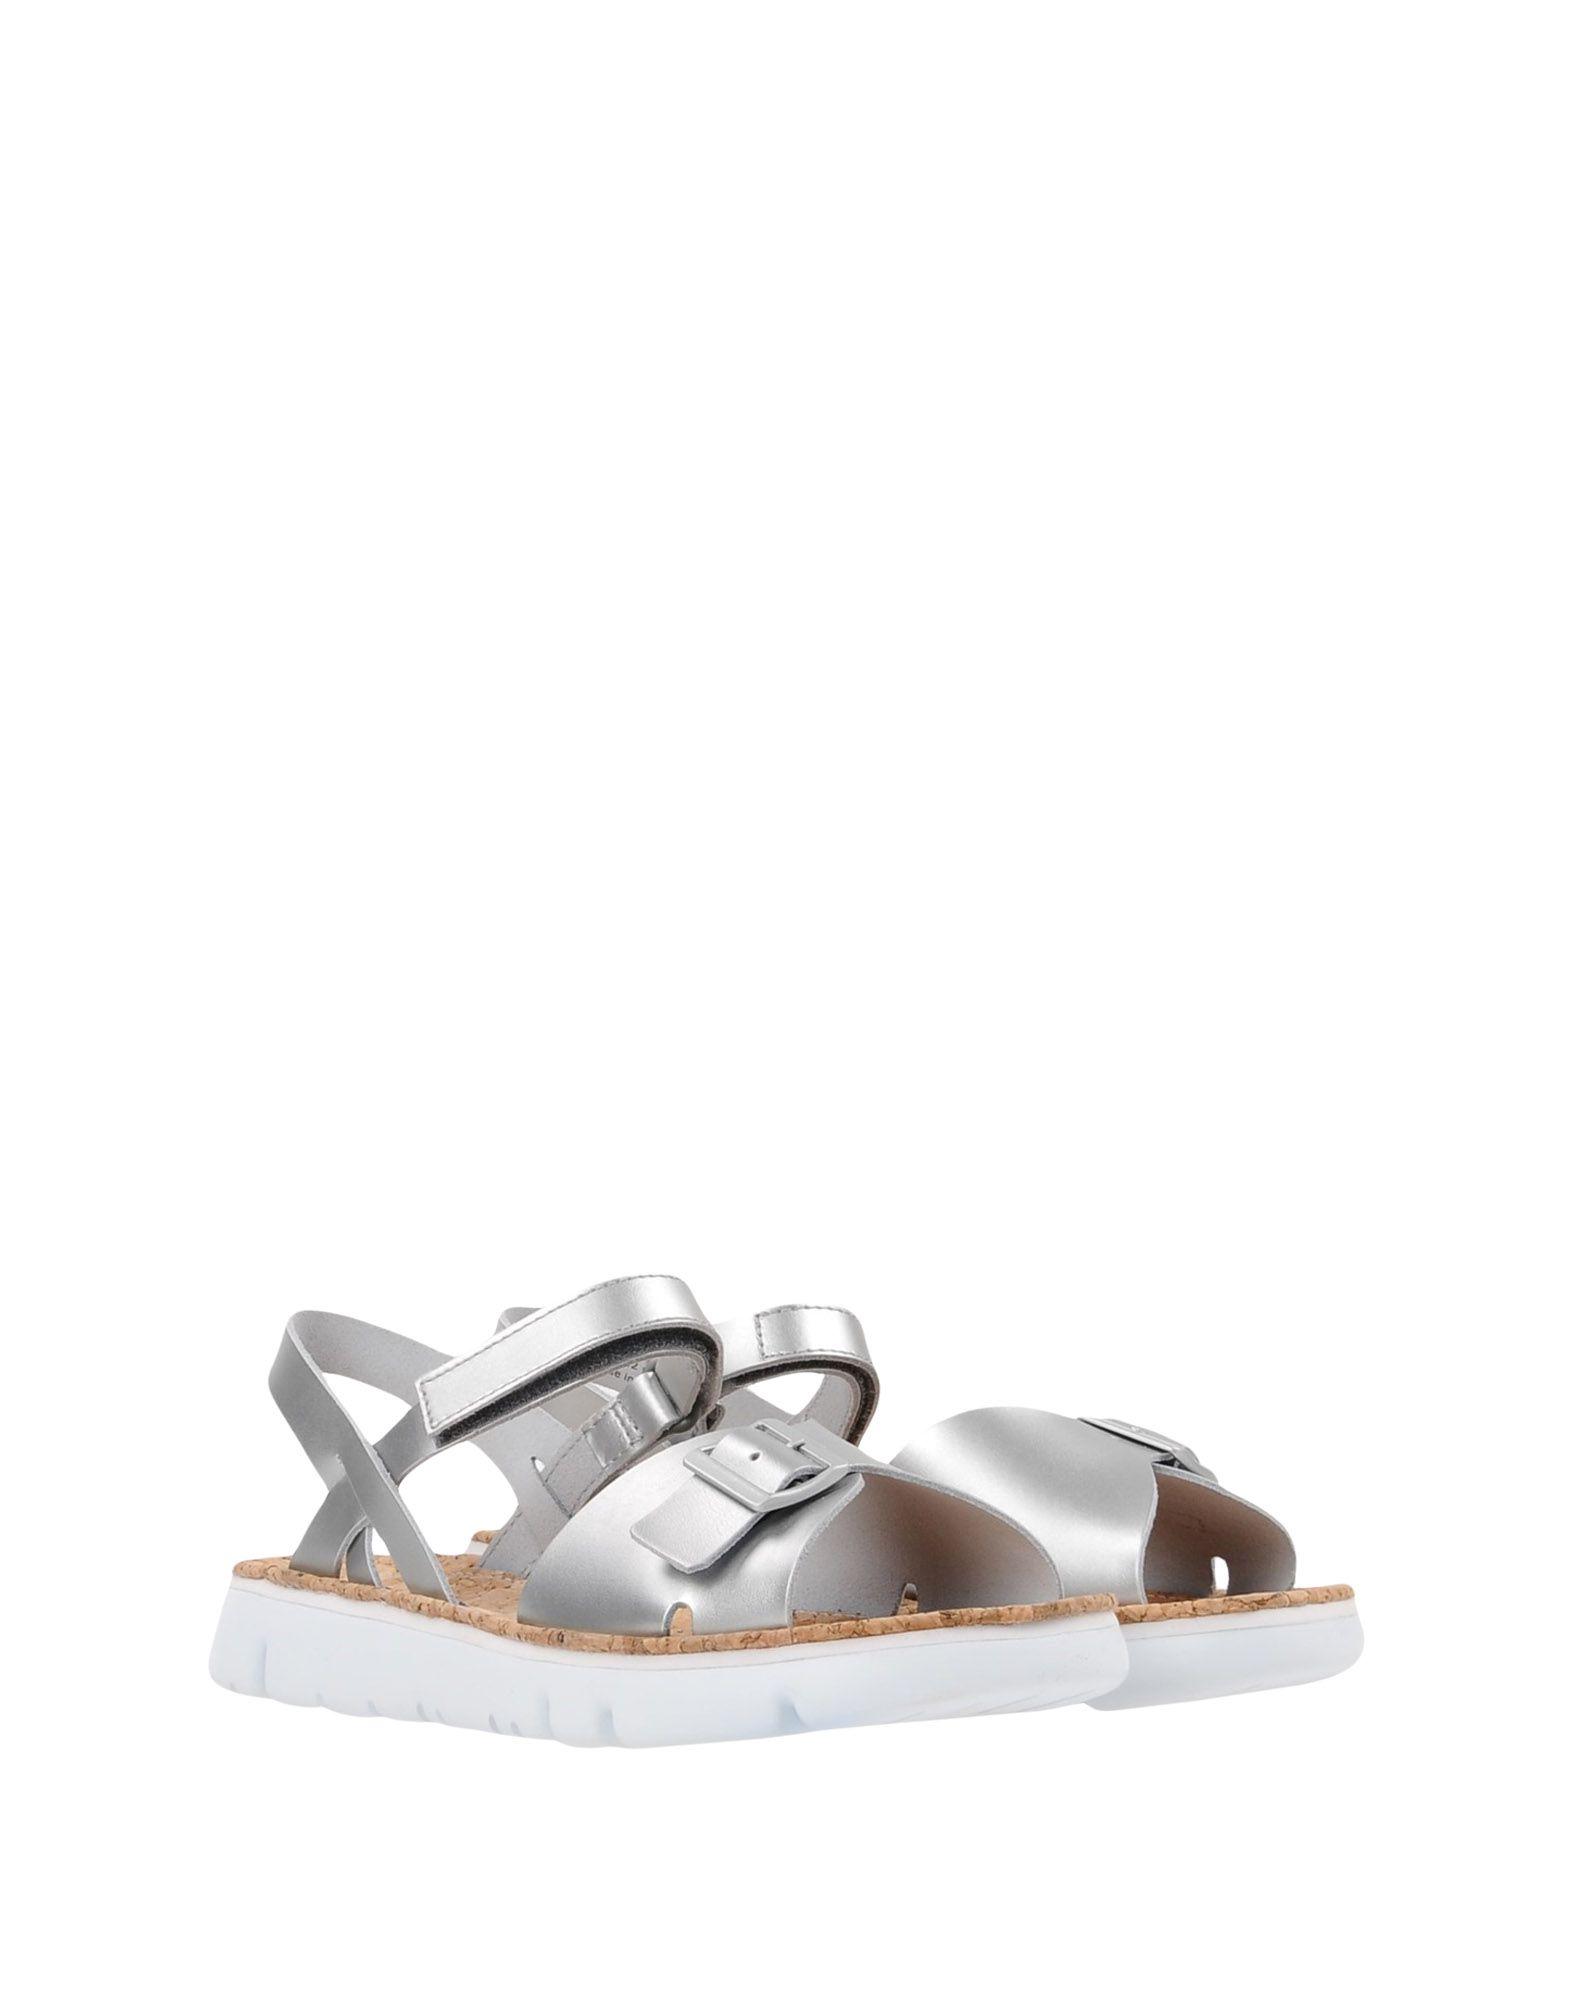 Camper Oruga Sandal   Sandal 11436208EX  1a360f